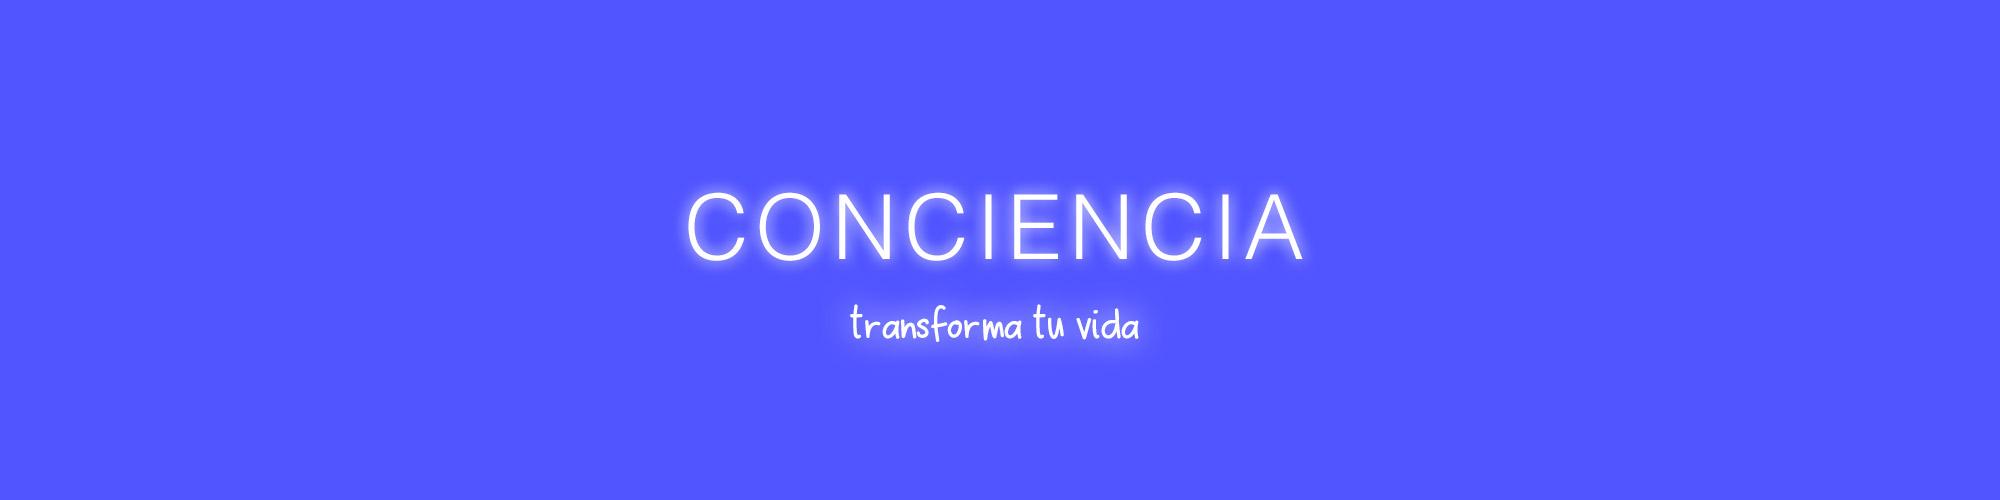 7-conciencia